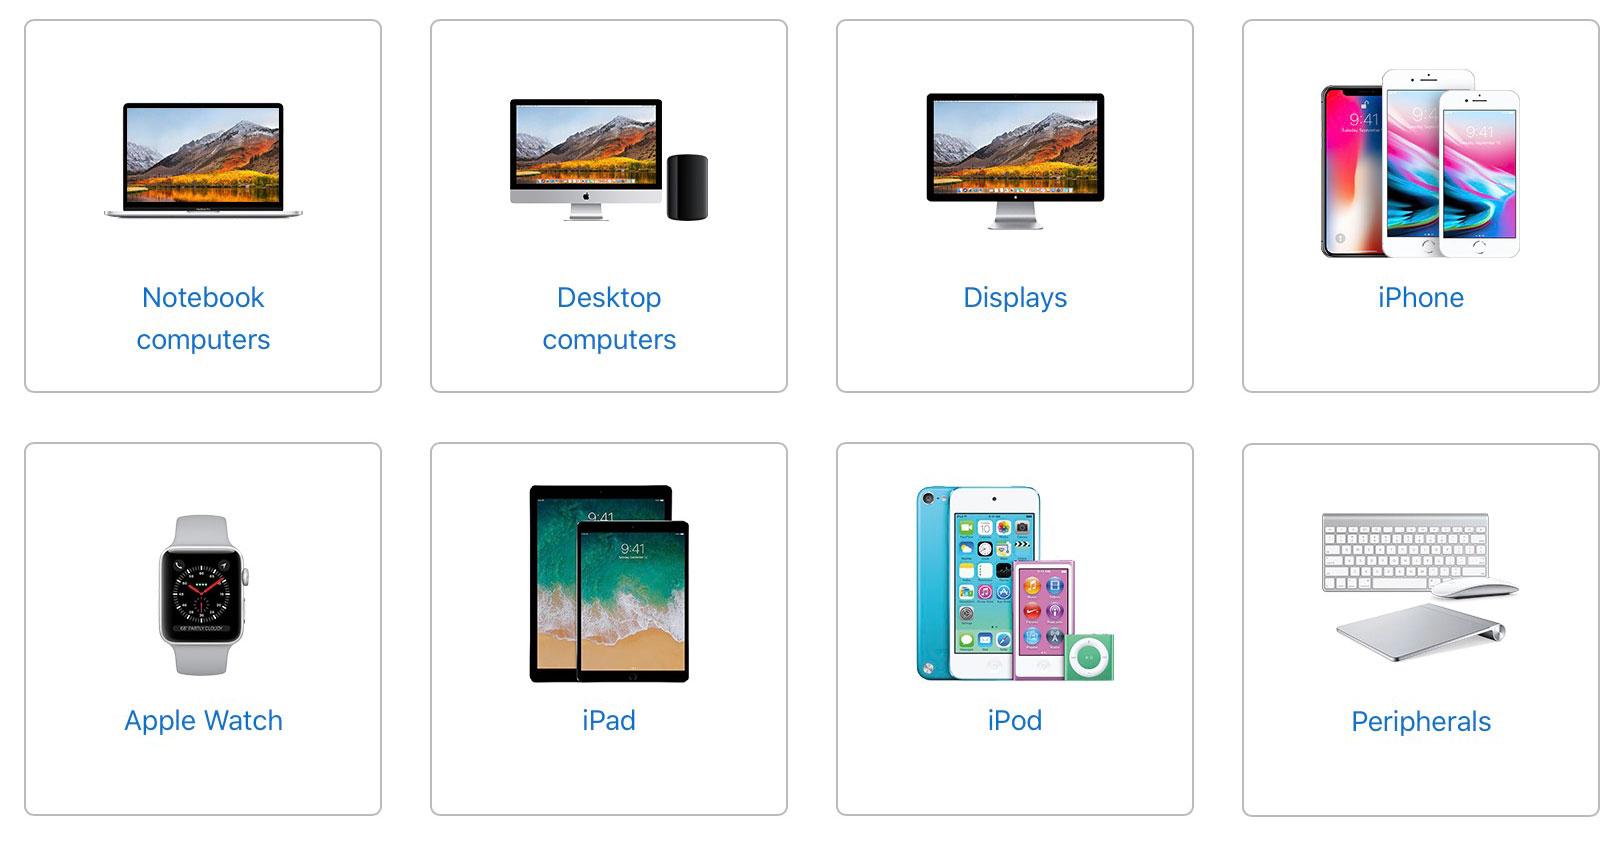 https://www.macfreak.nl/modules/news/images/zArt.AppleProductGrid.jpg